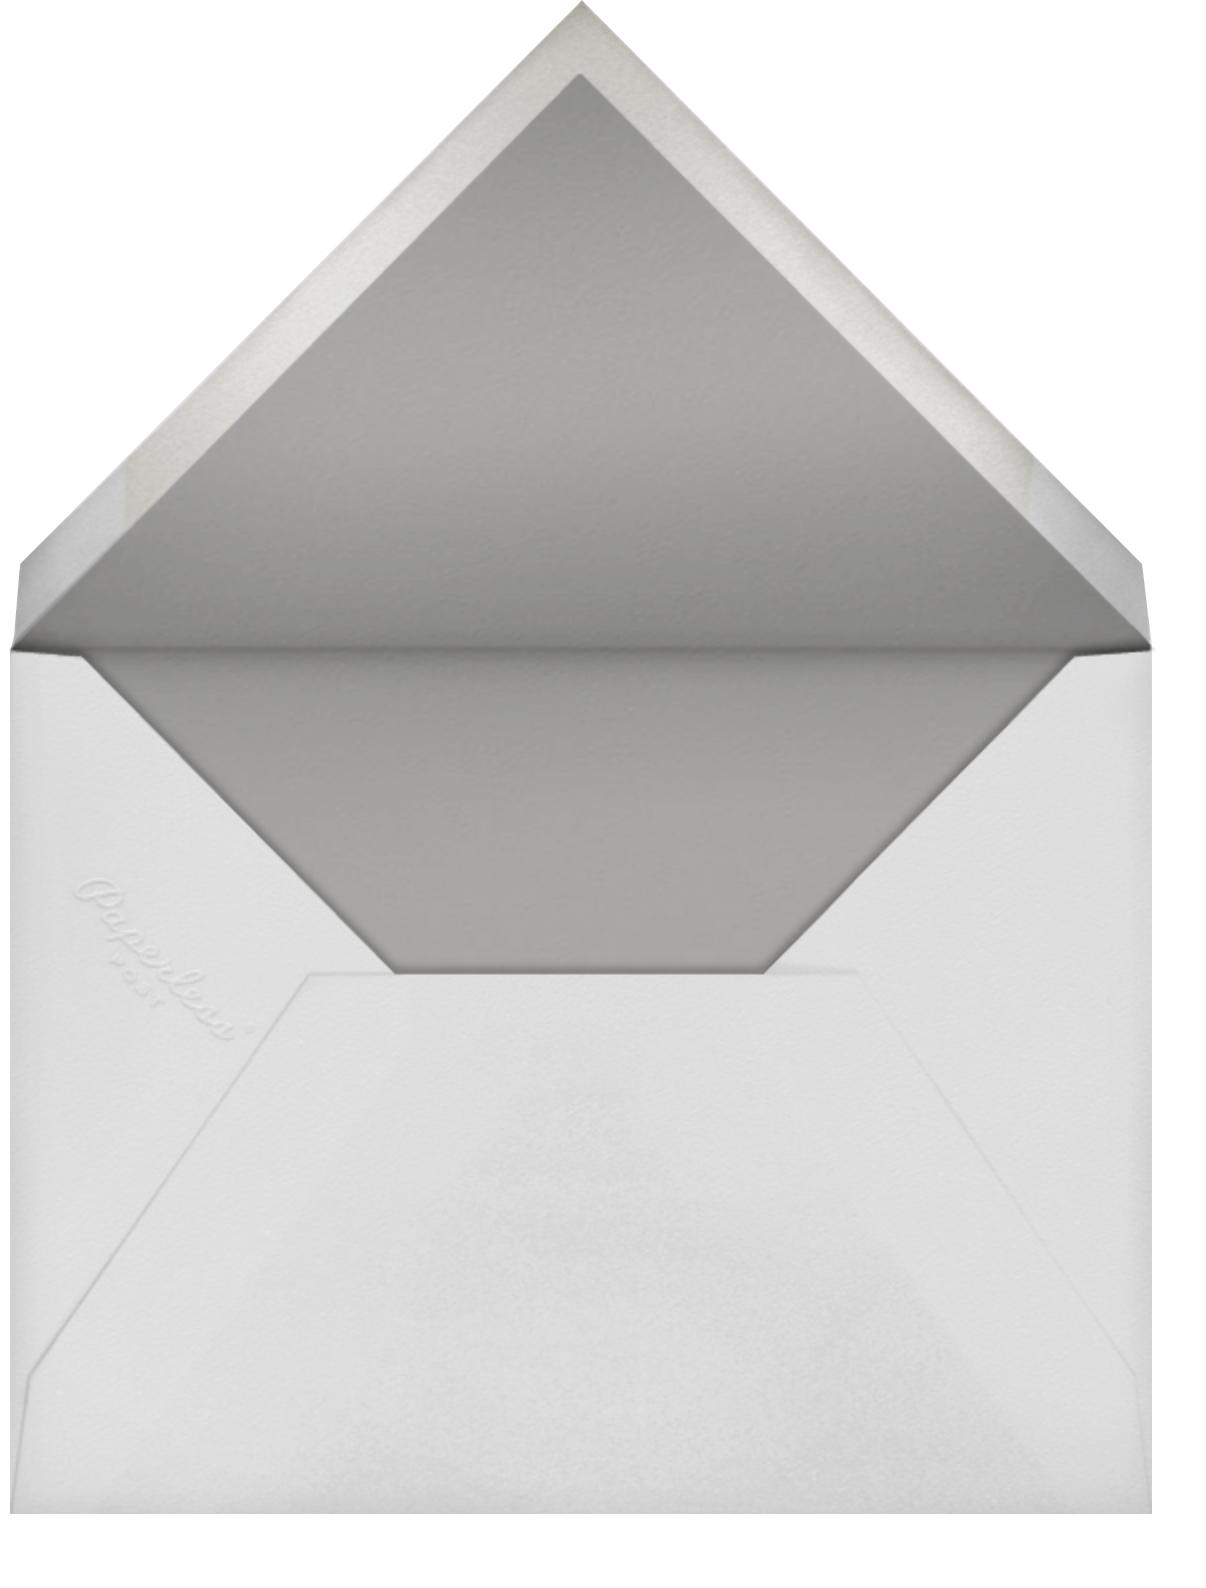 Radiant Swirls (Square) - Rose Gold - Oscar de la Renta - Adult birthday - envelope back